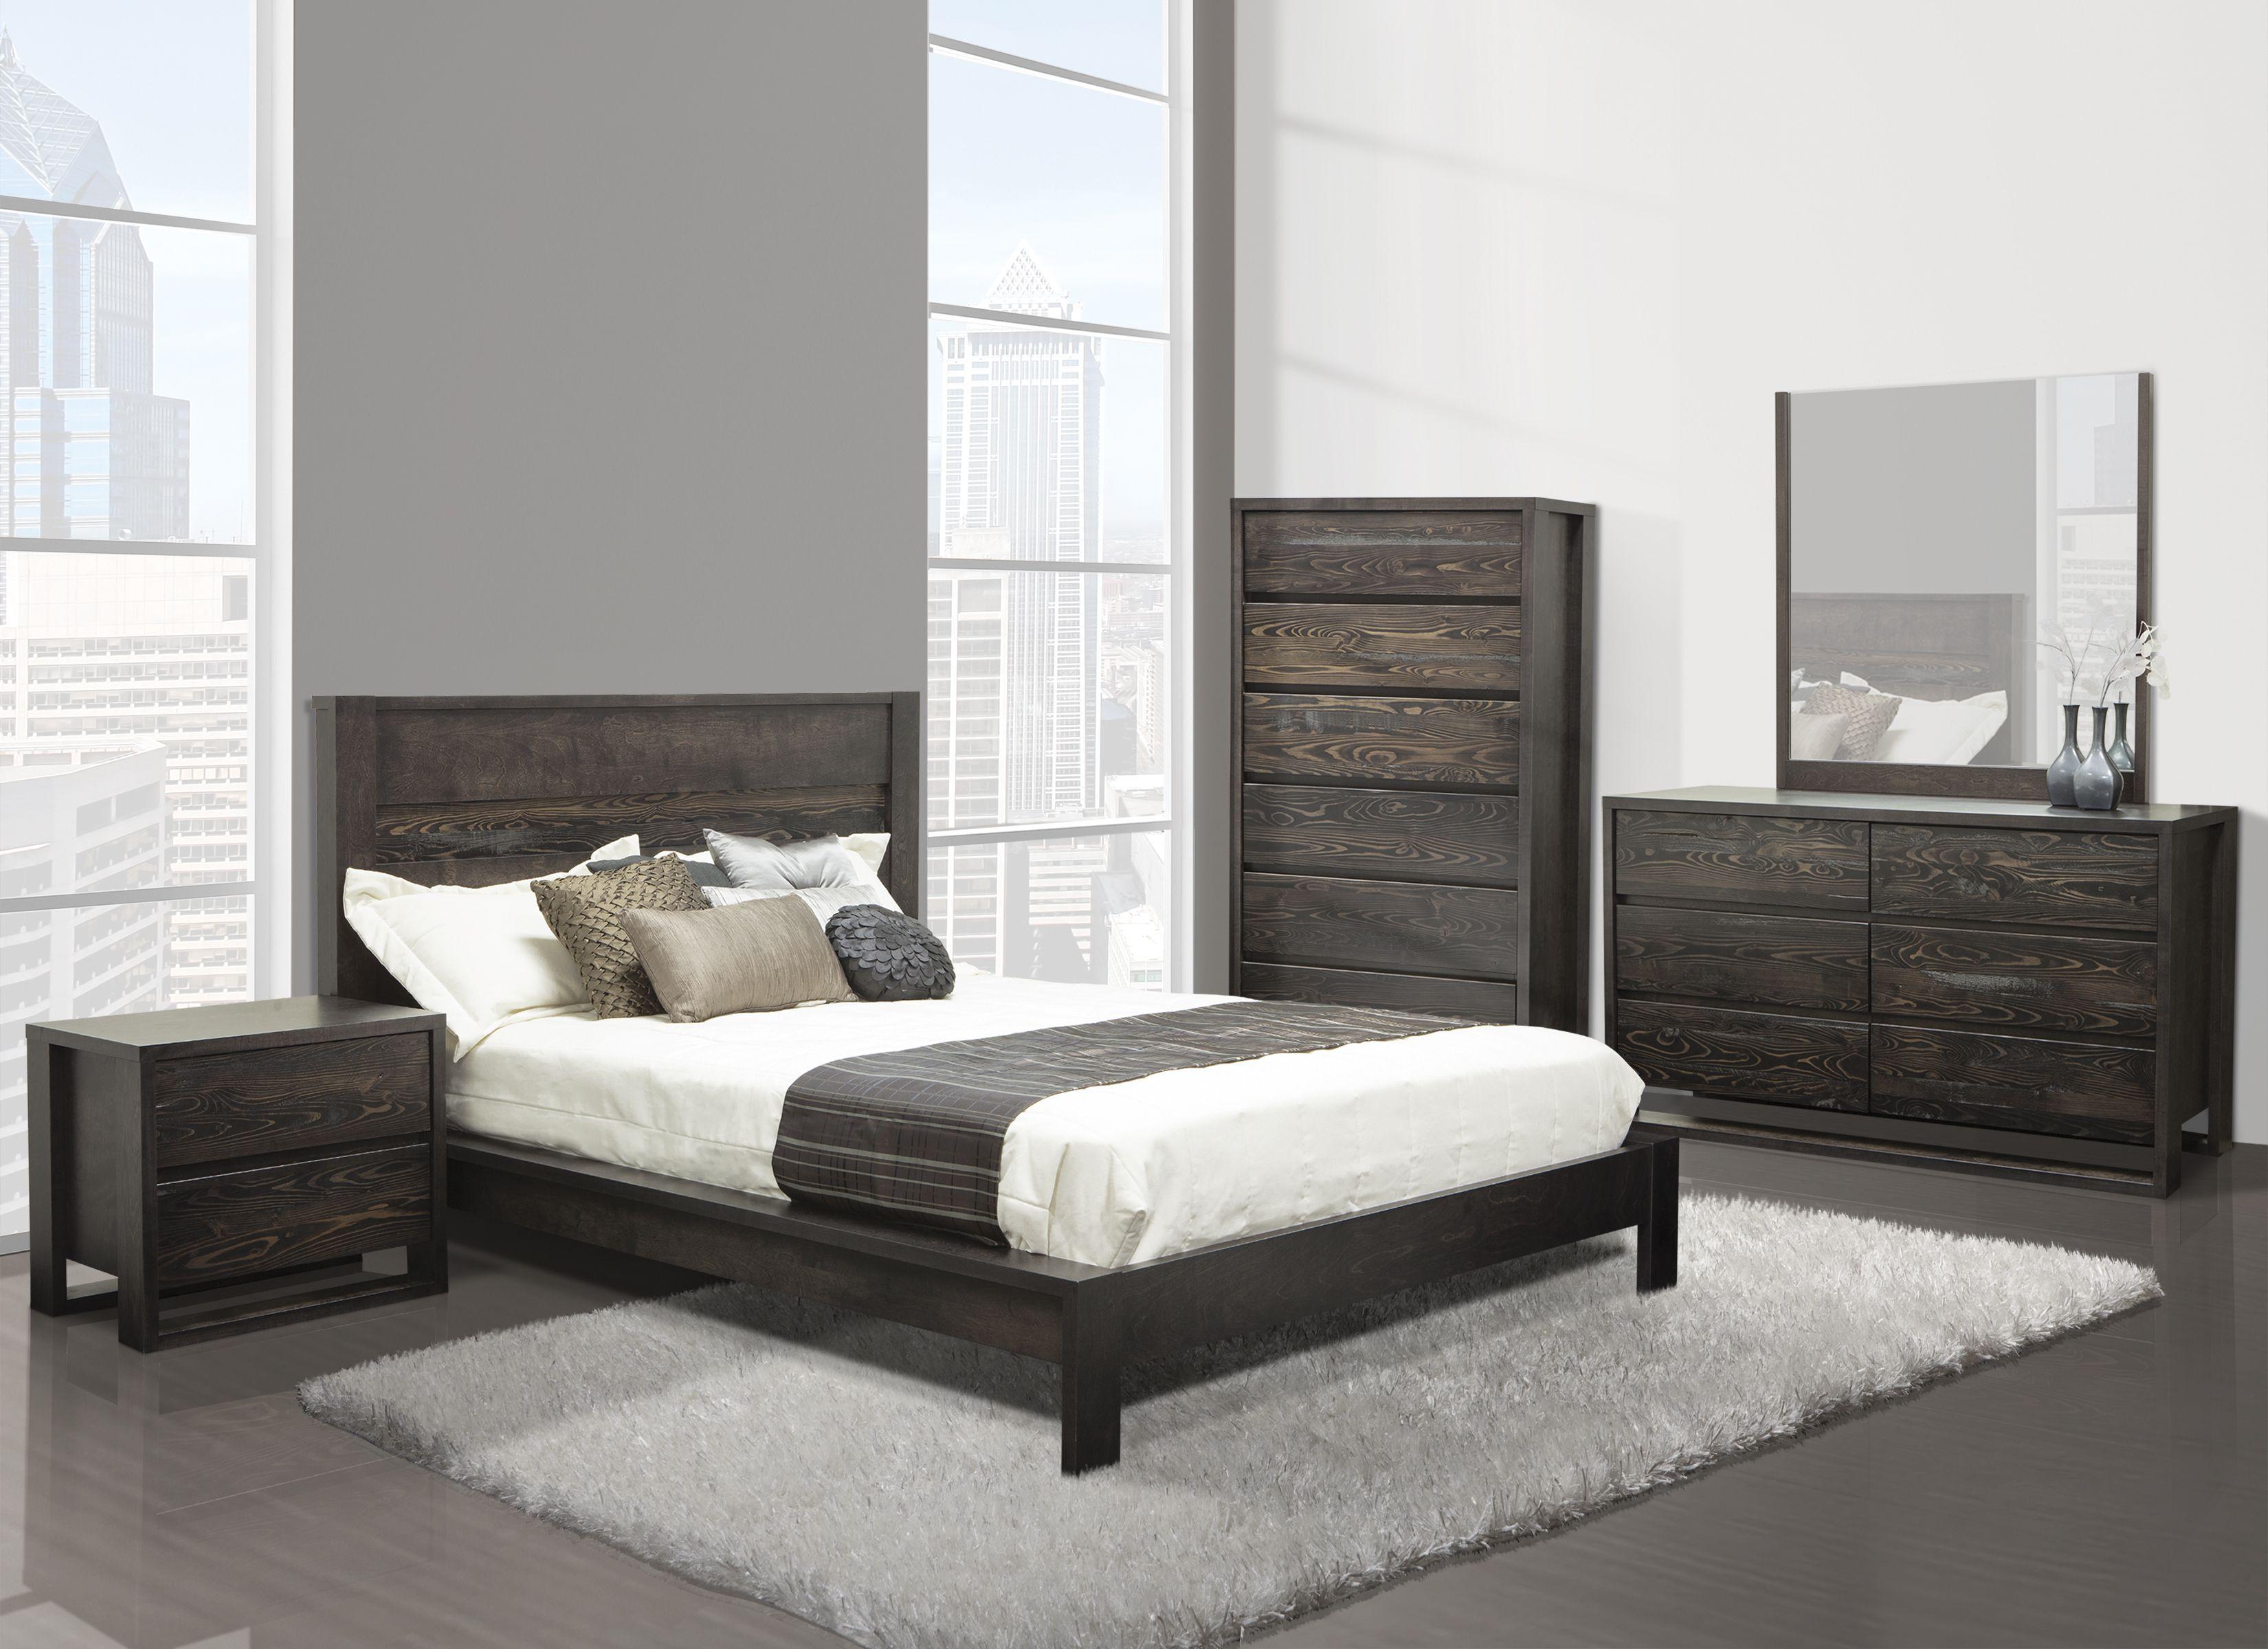 Ensemble De Chambre A Coucher Viebois Produit Quebecois En Meleze Et Merisier Bedroom Furniture Sets Bedroom Furniture Sears Bedroom Furniture